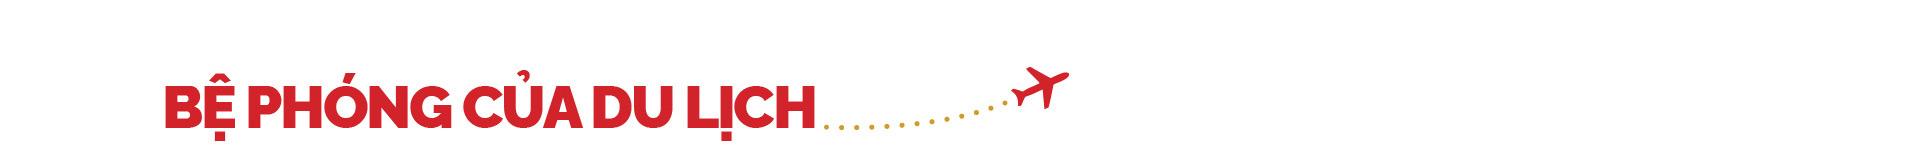 Hàng không, động lực phát triển kinh tế đất nước - Ảnh 11.